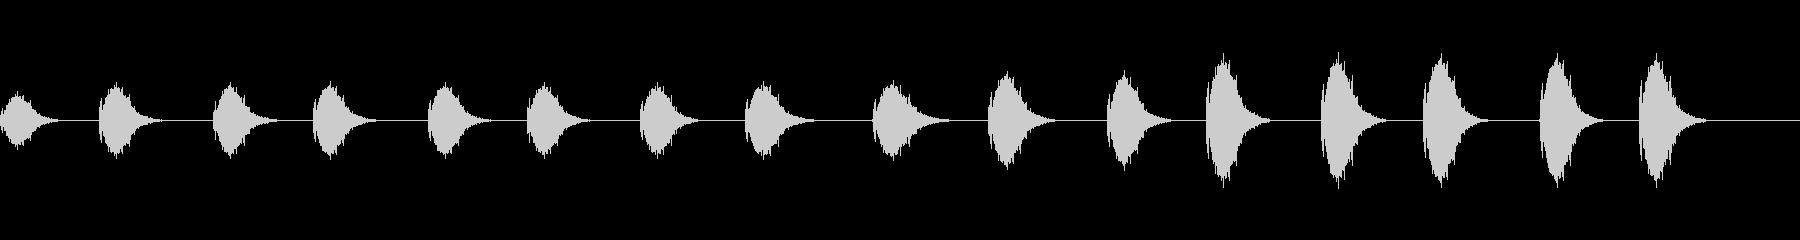 レーザーブラスト、各種1:Alt。強度の未再生の波形